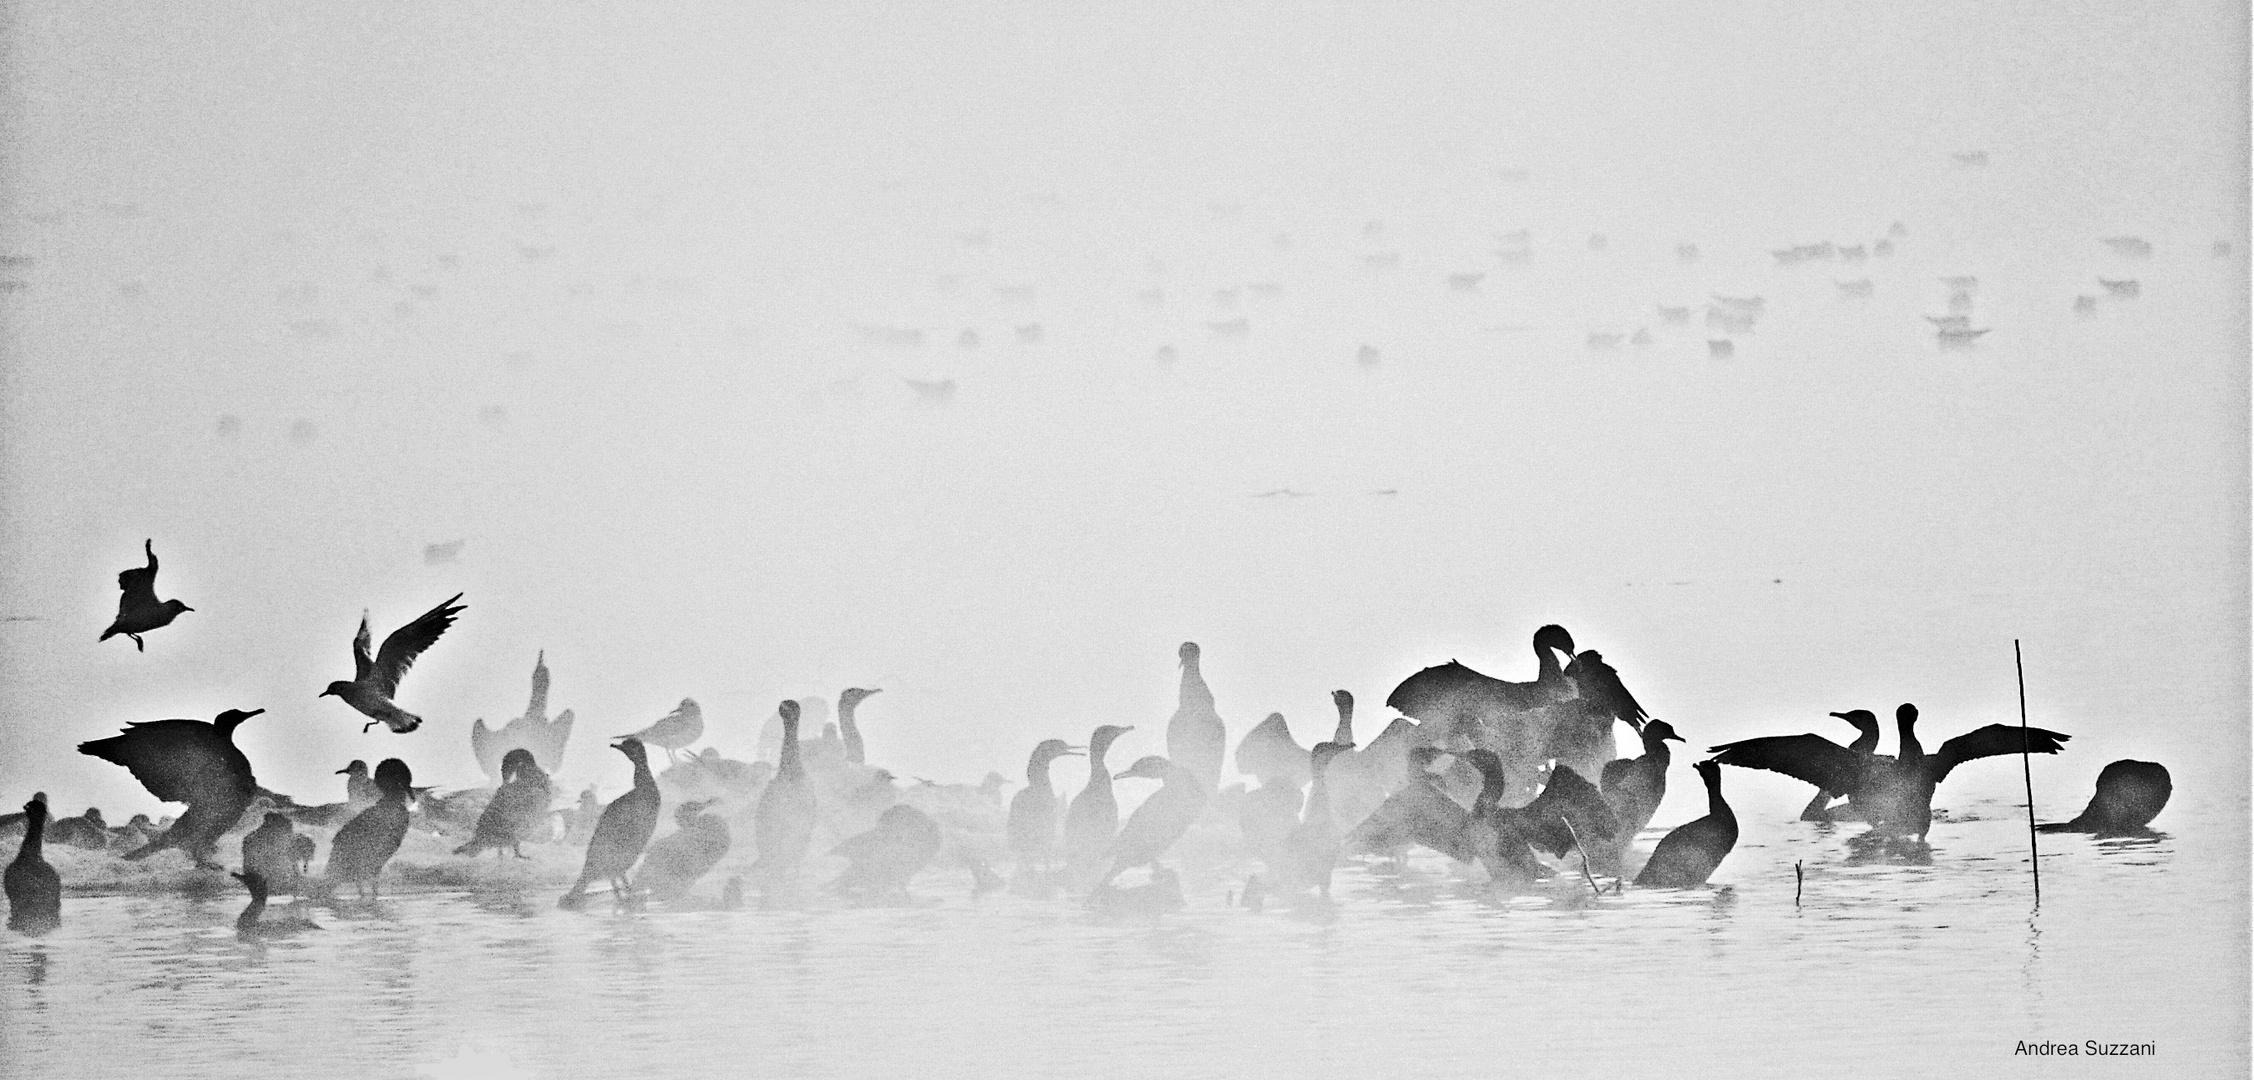 Ancora nebbia, nel lago delle papere e cormorani